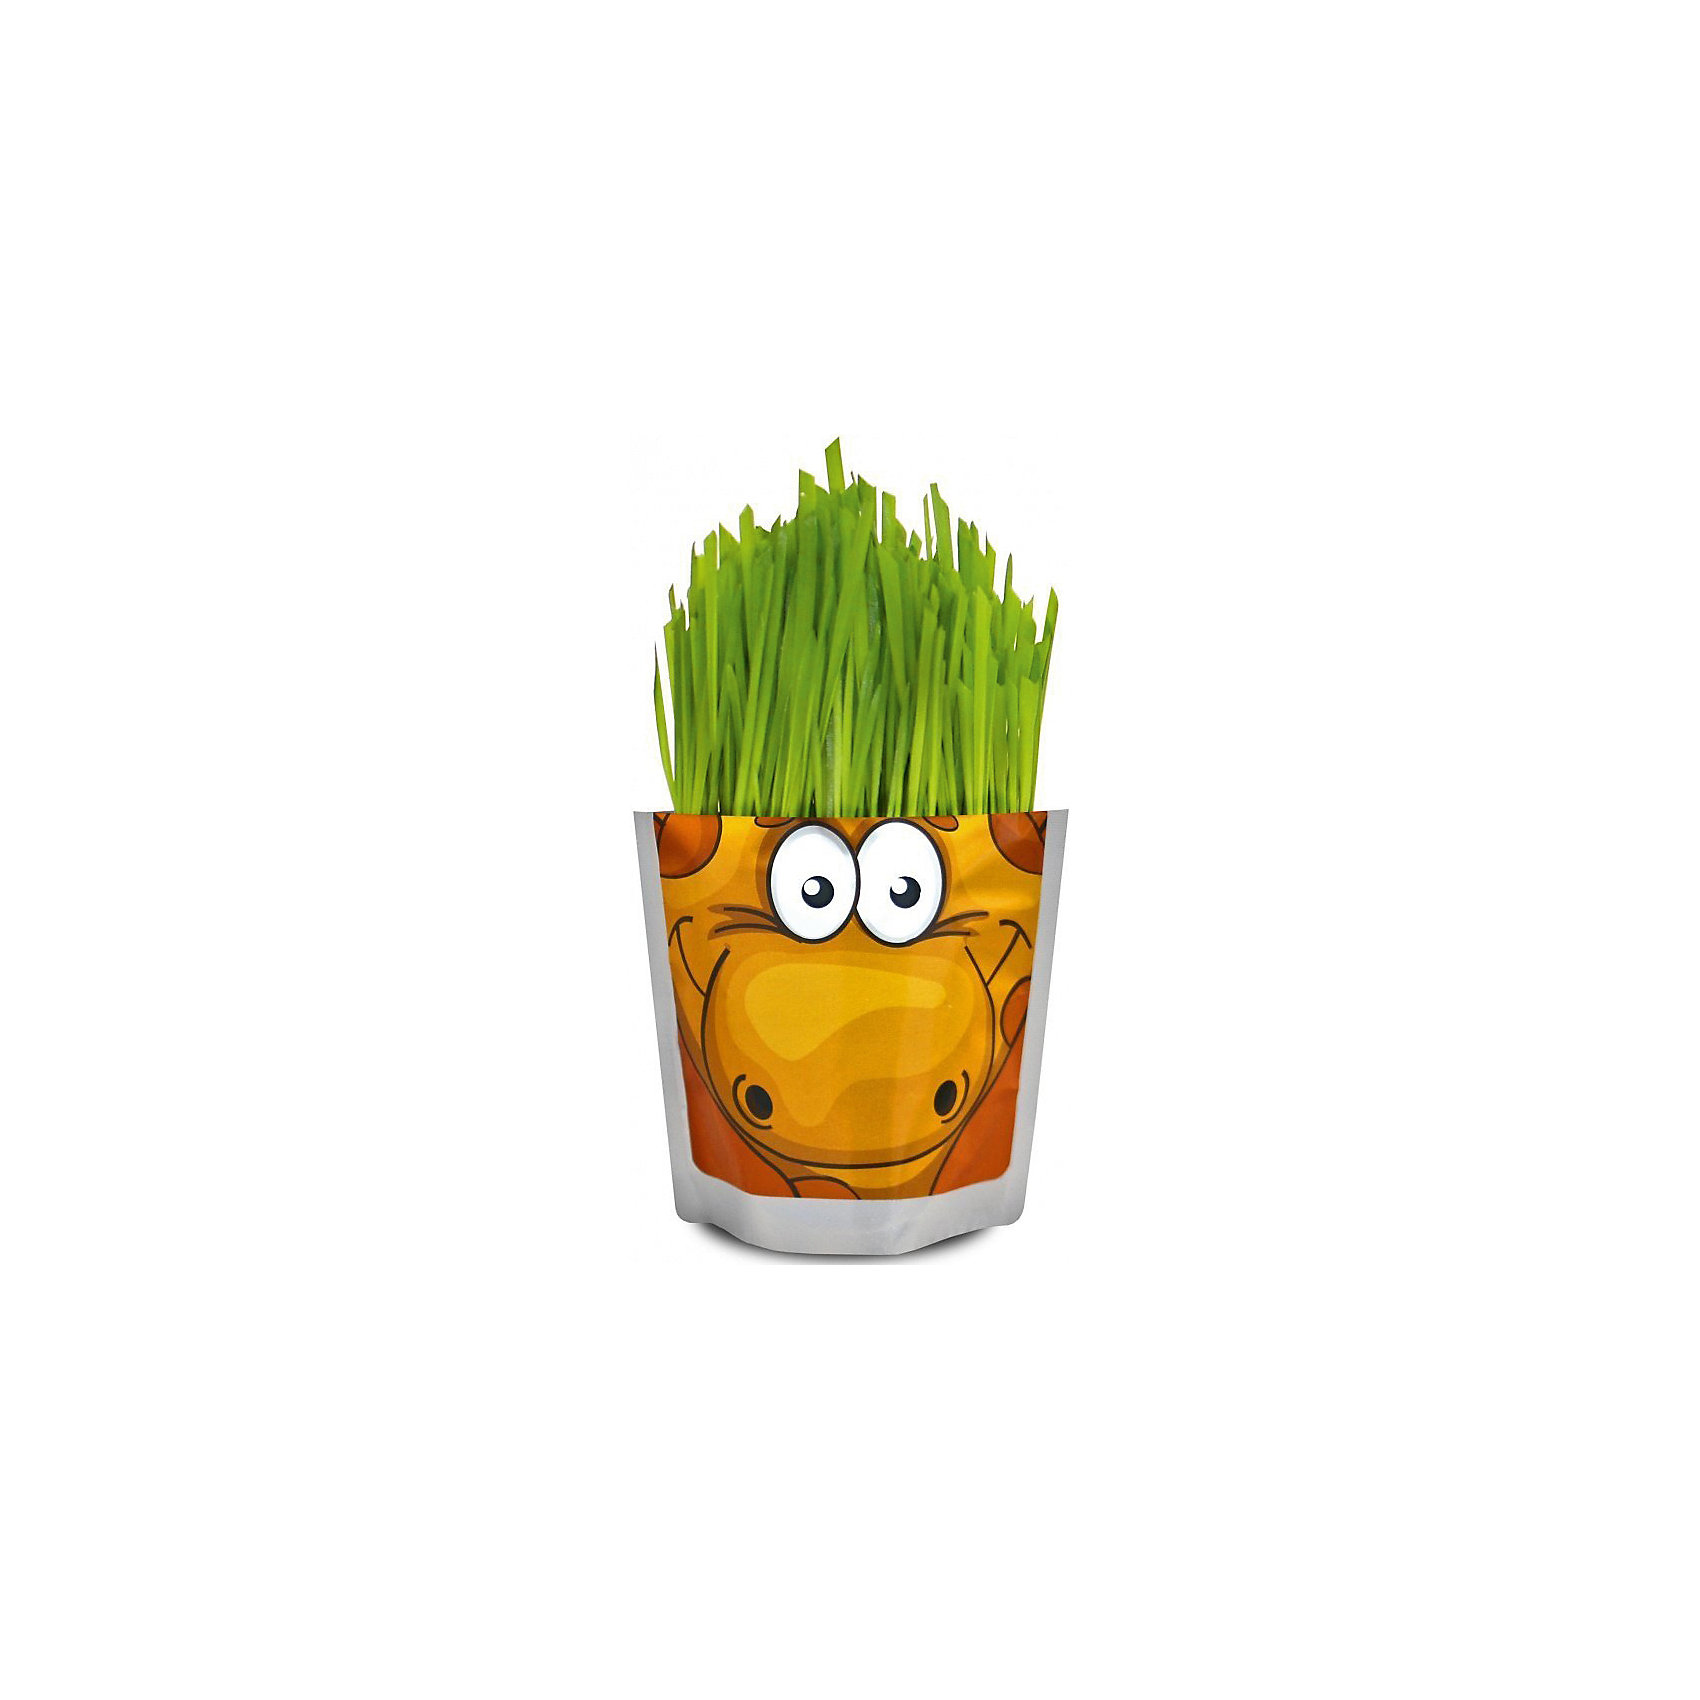 Набор для выращивания Сафари - Жираф Happy PlantВыращивание растений<br>Happy Plant Жираф.<br><br>Характеристики:<br><br>• научит ребенка выращивать растения и ухаживать за ними<br>• развивает фантазию <br>• яркий оригинальный дизайн<br>• качественные семена<br>• в комплекте: пакет-горшочек, органический субстрат для посадки, семена, лопатка, инструкция<br>• размер: 18х13 см<br>• объем: 500 мл<br>• Вес: 230 грамм<br><br>Забавный Жираф научит ребенка ухаживать за растениями. С помощью инструкции ребенок с радостью посадит семена и будет наблюдать за ростом травки. Ее можно подстригать, придавая различные формы. Кроме того, Вы сможете придумывать жирафу различные прически. Такой веселый жираф должен быть у каждого юного садовода!<br><br>Happy Plant Жираф, Вы можете купить в нашем интернет-магазине.<br><br>Ширина мм: 180<br>Глубина мм: 130<br>Высота мм: 80<br>Вес г: 230<br>Возраст от месяцев: 168<br>Возраст до месяцев: 240<br>Пол: Унисекс<br>Возраст: Детский<br>SKU: 5053994